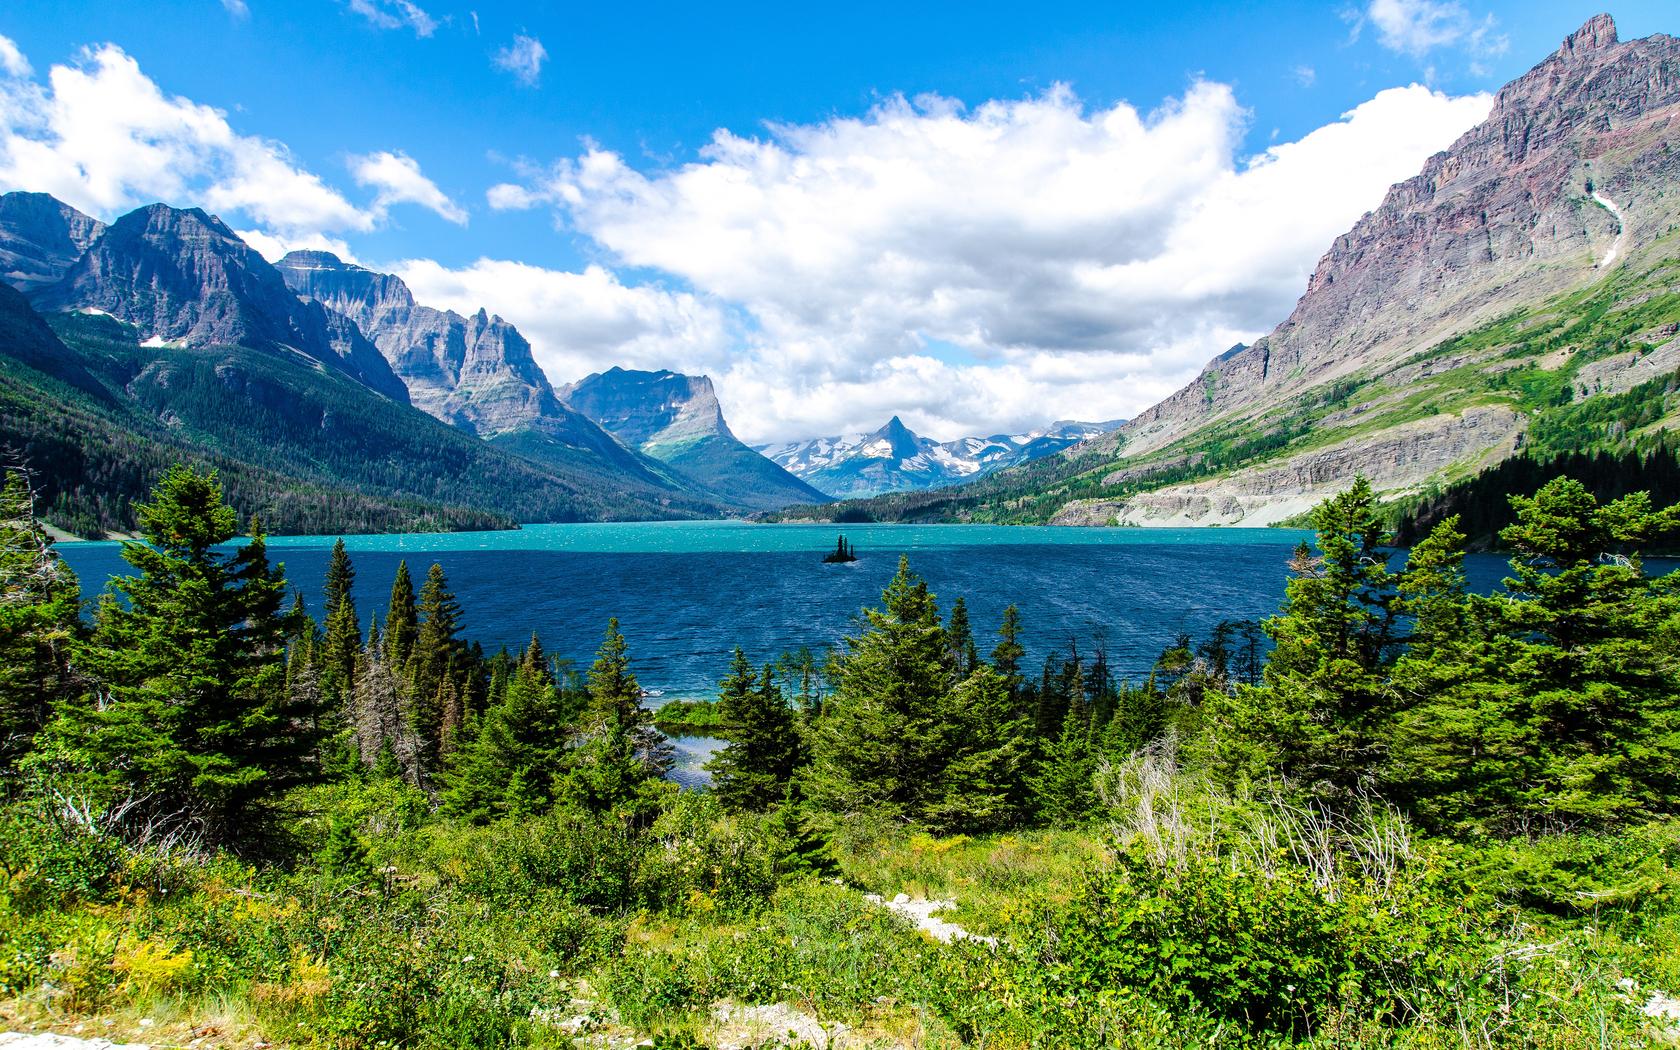 28183 Заставки и Обои Озера на телефон. Скачать Озера, Пейзаж, Горы картинки бесплатно